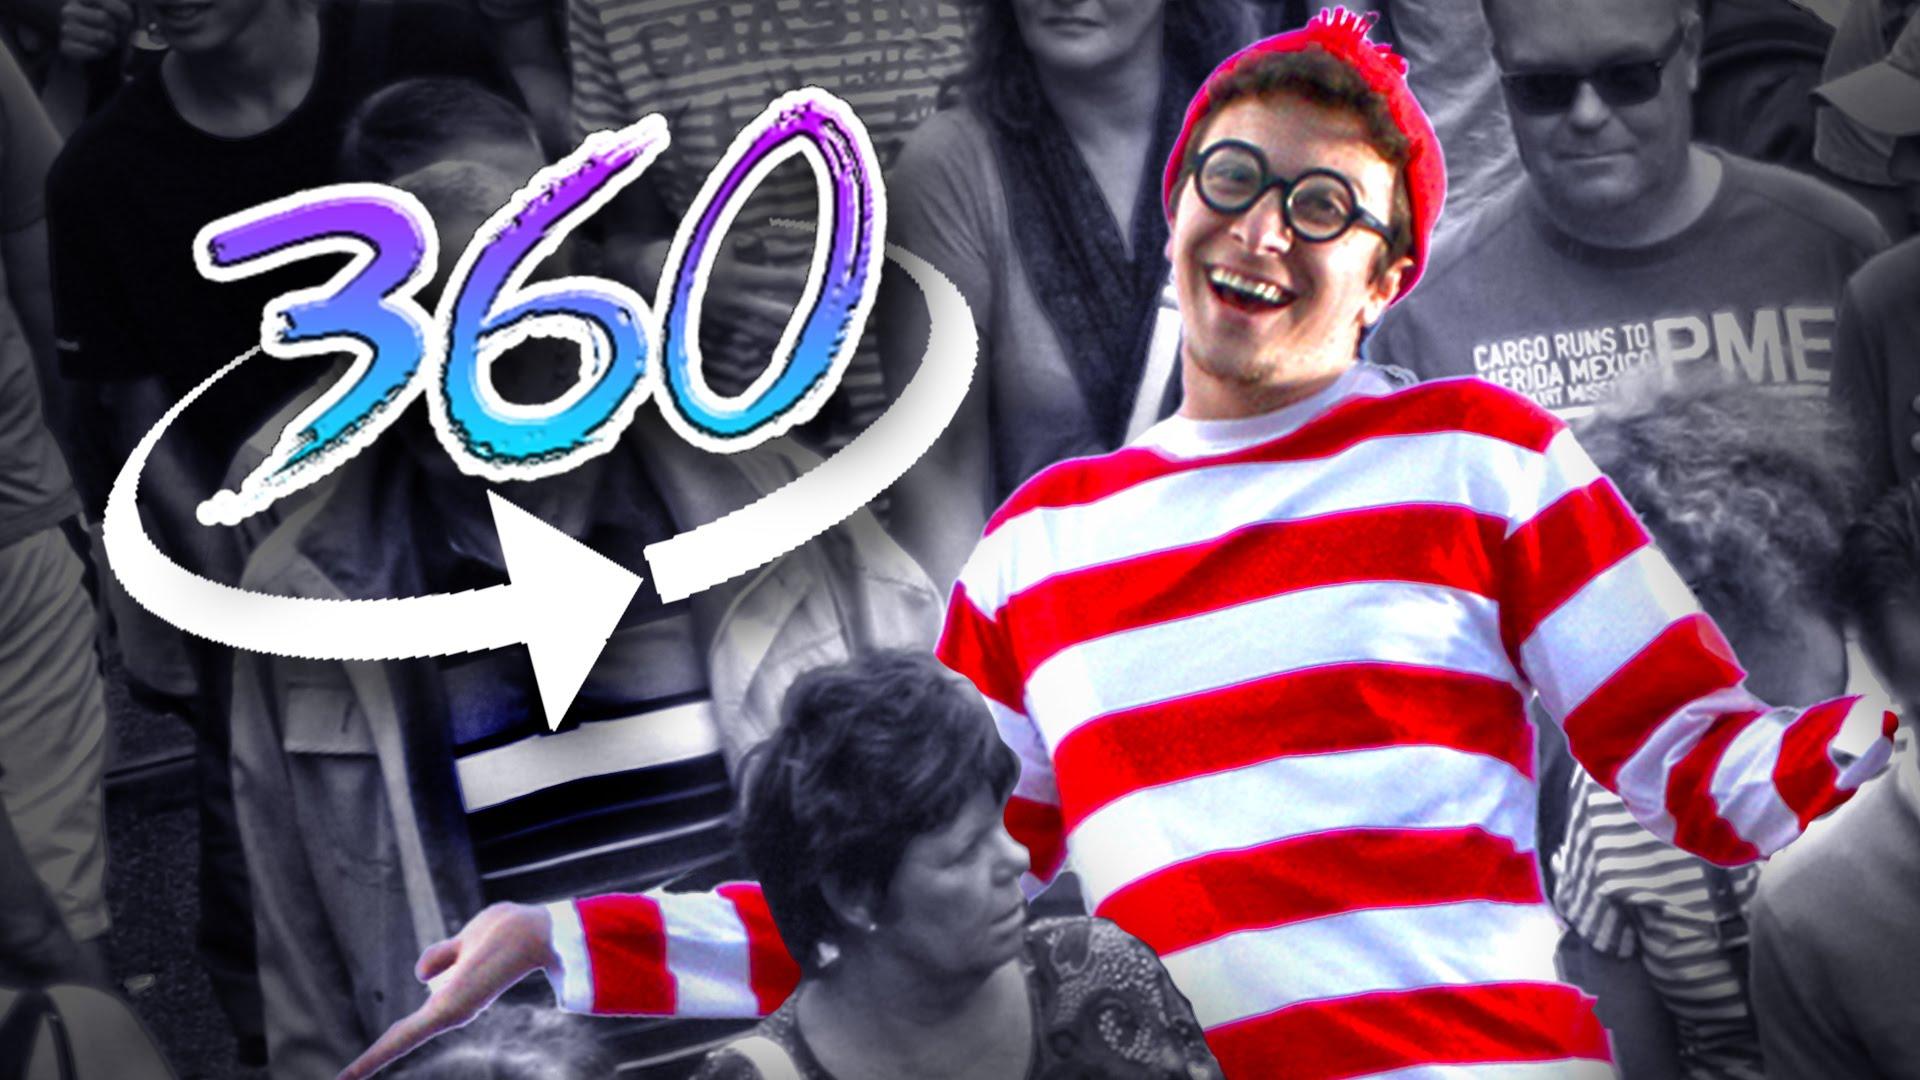 """360度周りを見渡してウォーリーを探す動画""""Where's Waldo 360"""""""